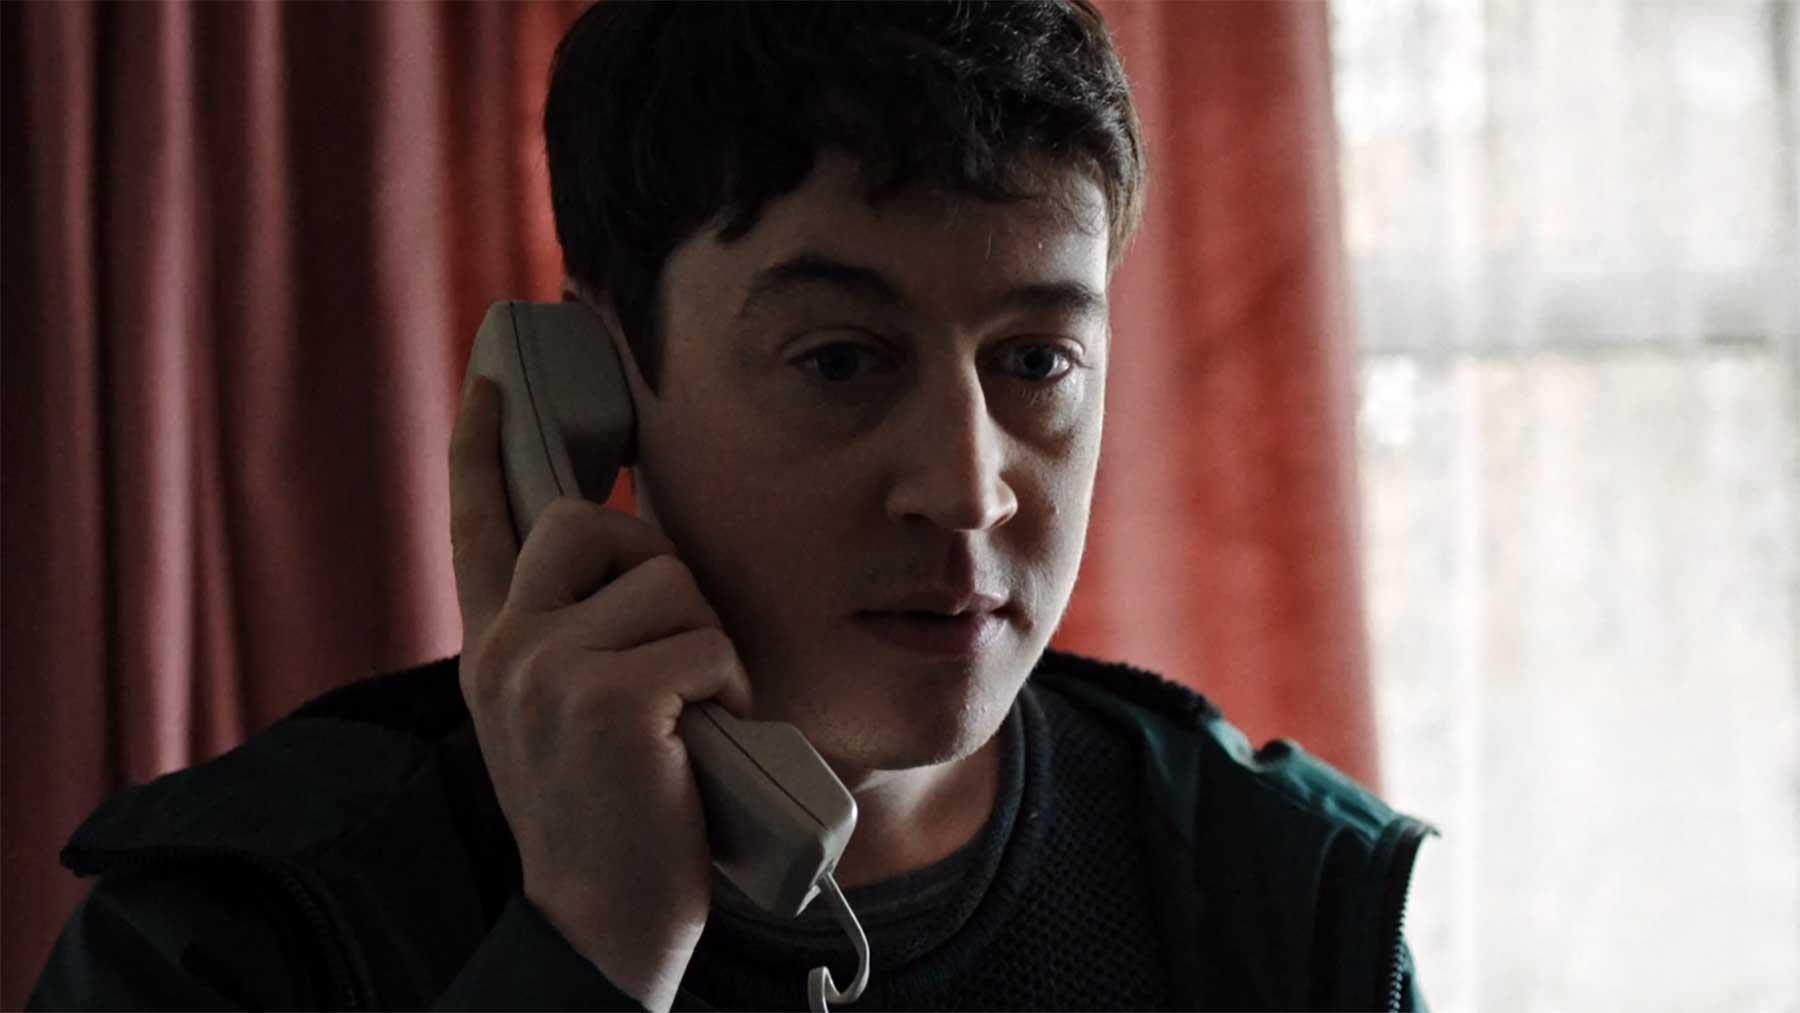 Unverständliche Anrufbeantworter-Nachricht deiner neuen Liebe Semi-Skimmed-kurzfilm